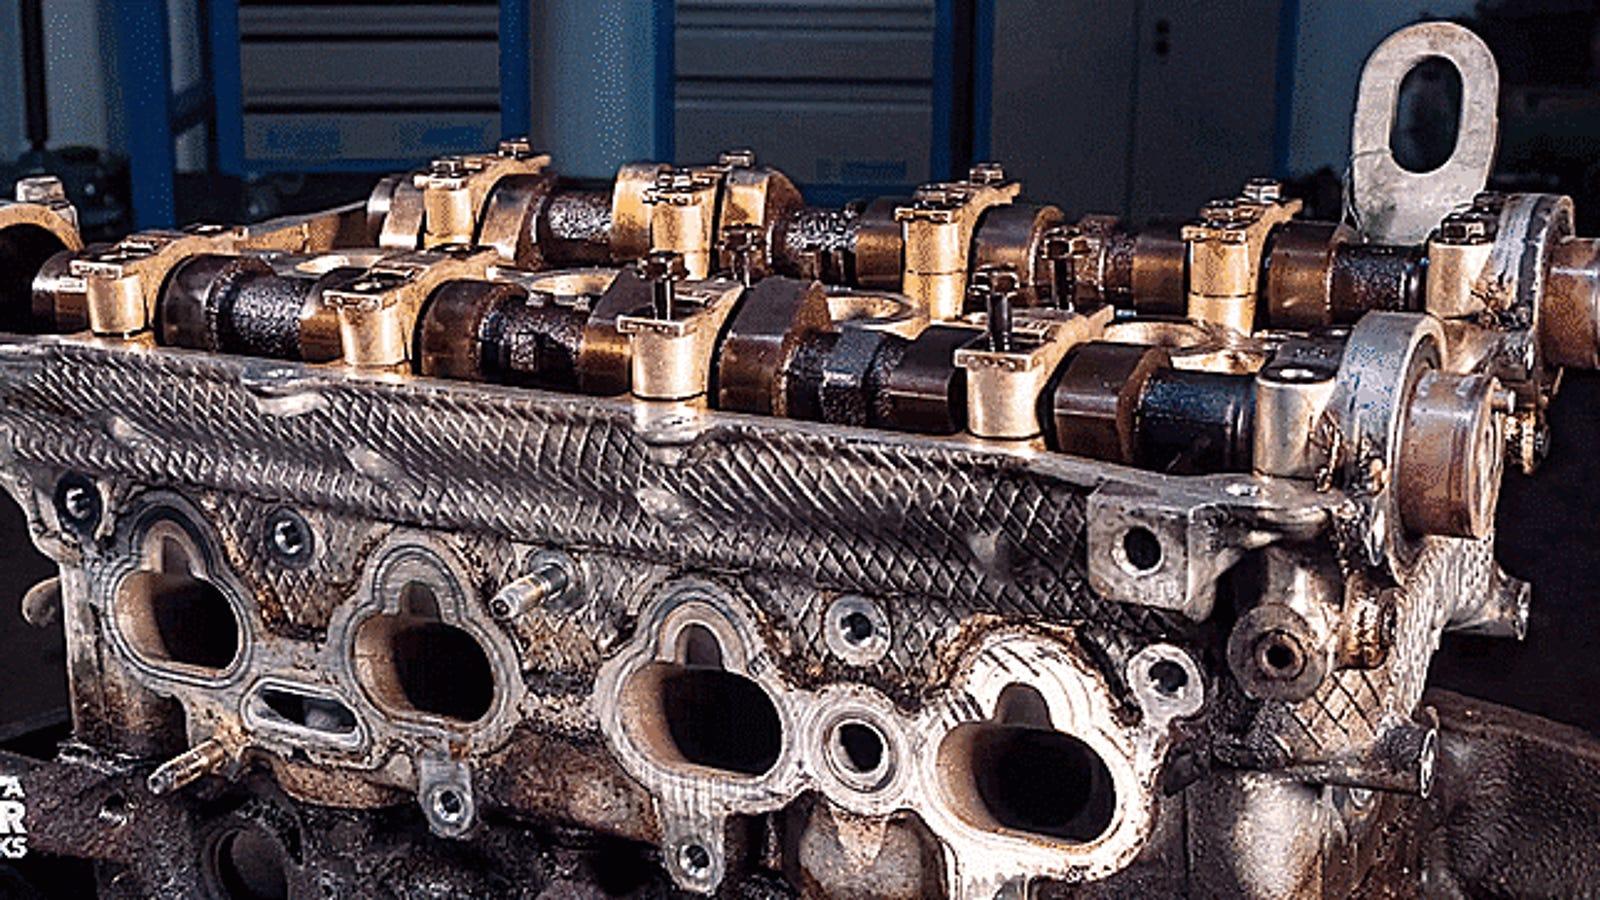 This Gorgeous Stop-Motion Teardown Of A Miata Engine Is